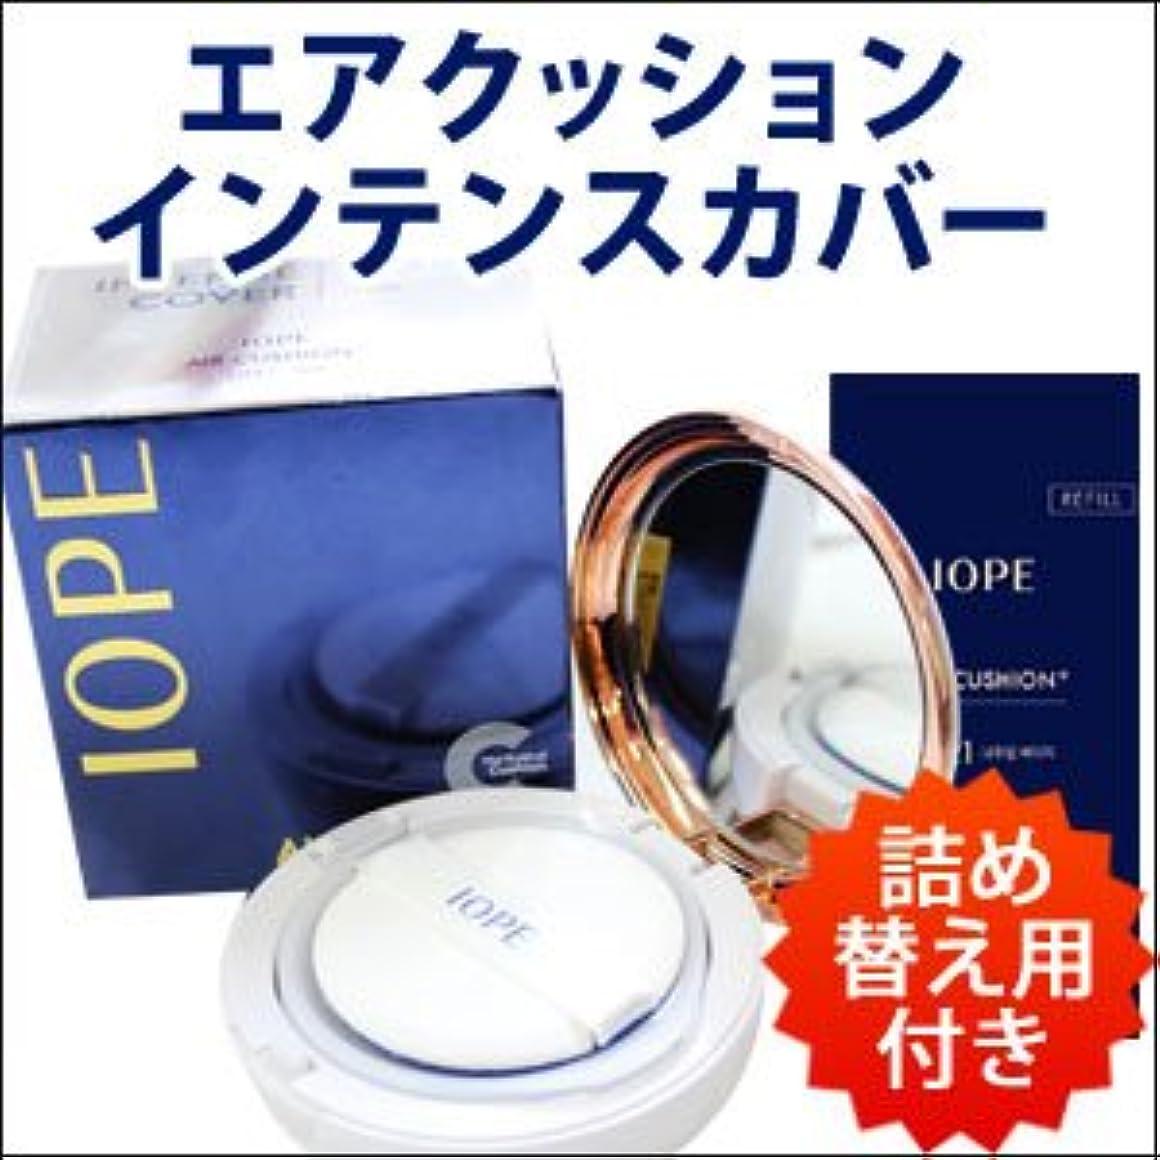 溶接モス六月IOPE アイオペ エアクッション インテンス カバー SPF50/PA+++ 詰め替え用付き